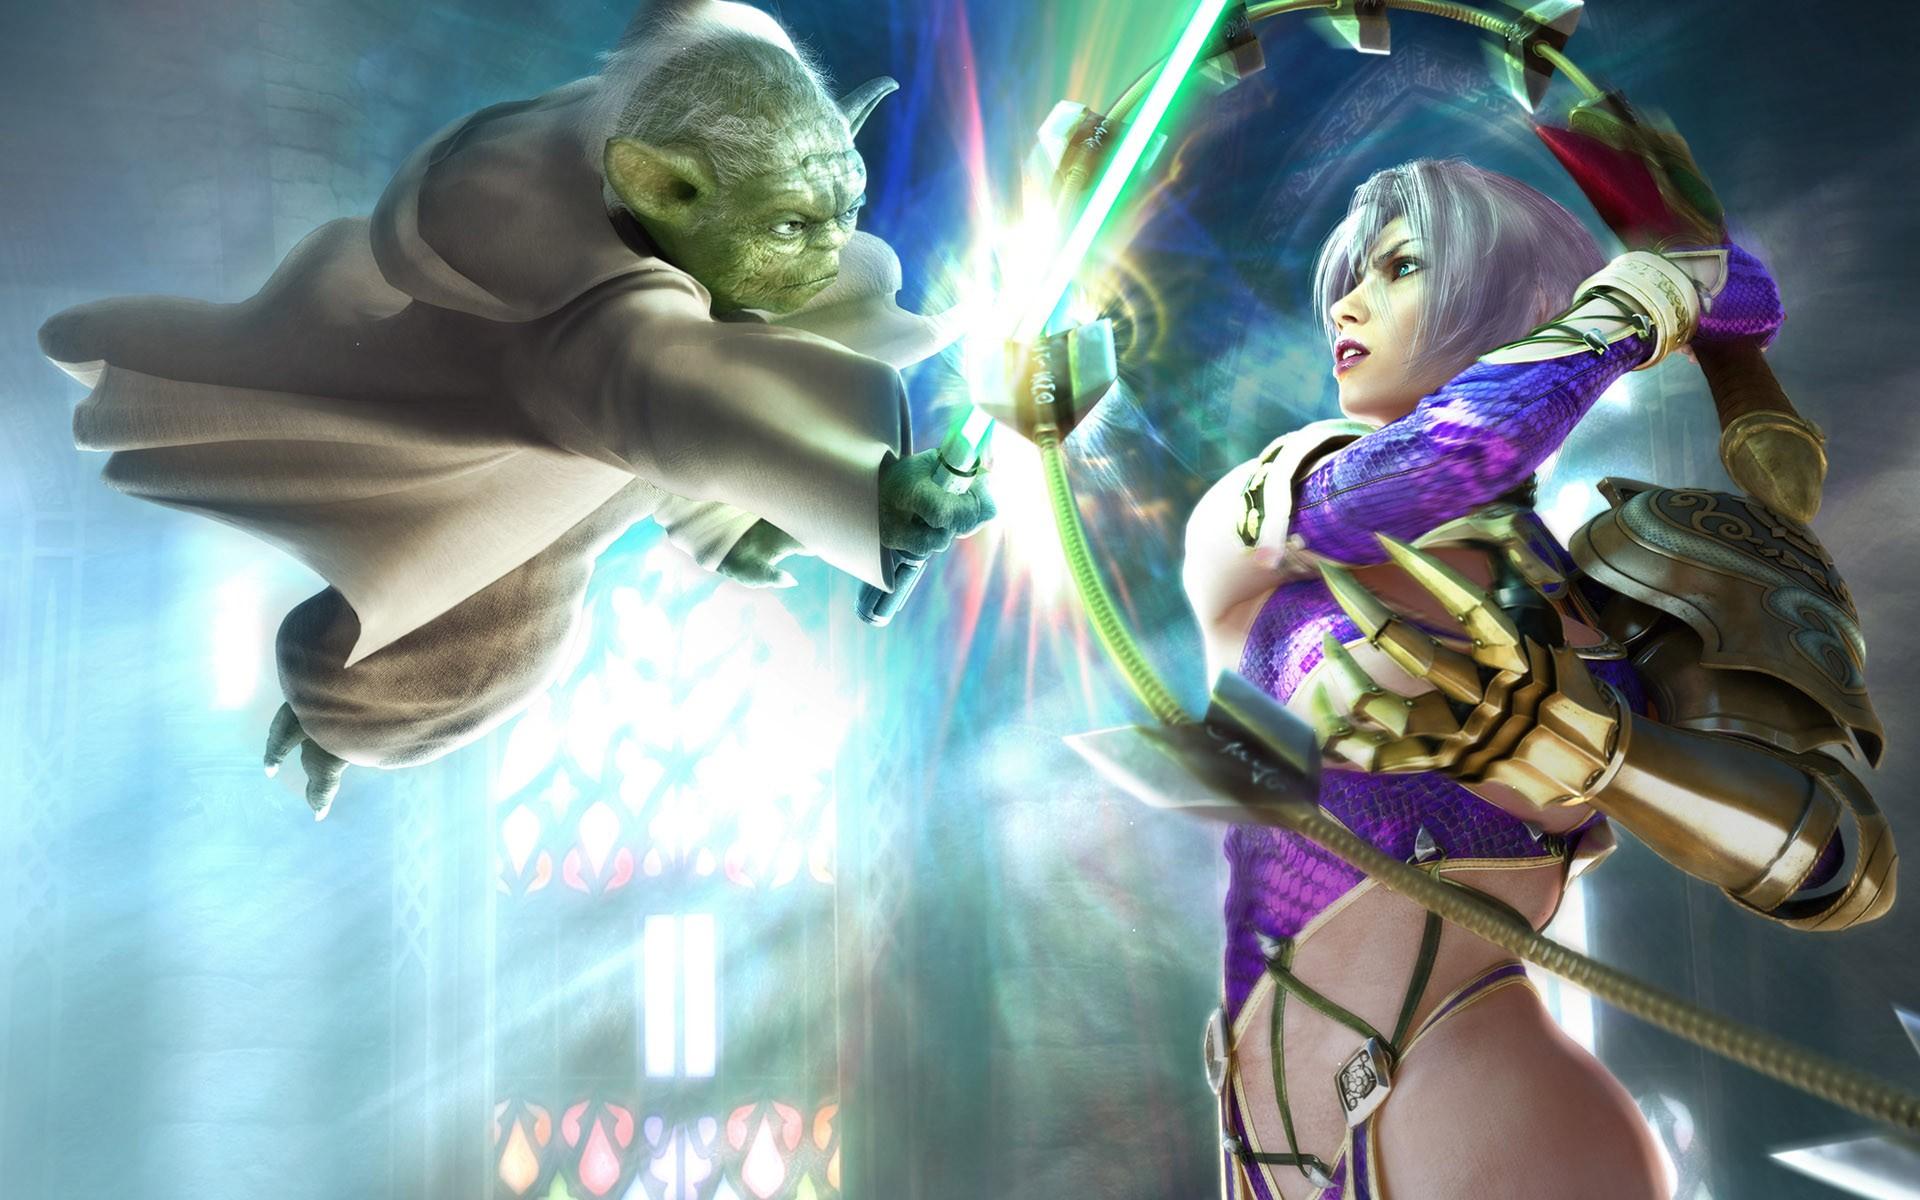 Fondos De Pantalla Videojuegos Arte Fantasía Anime Yoda